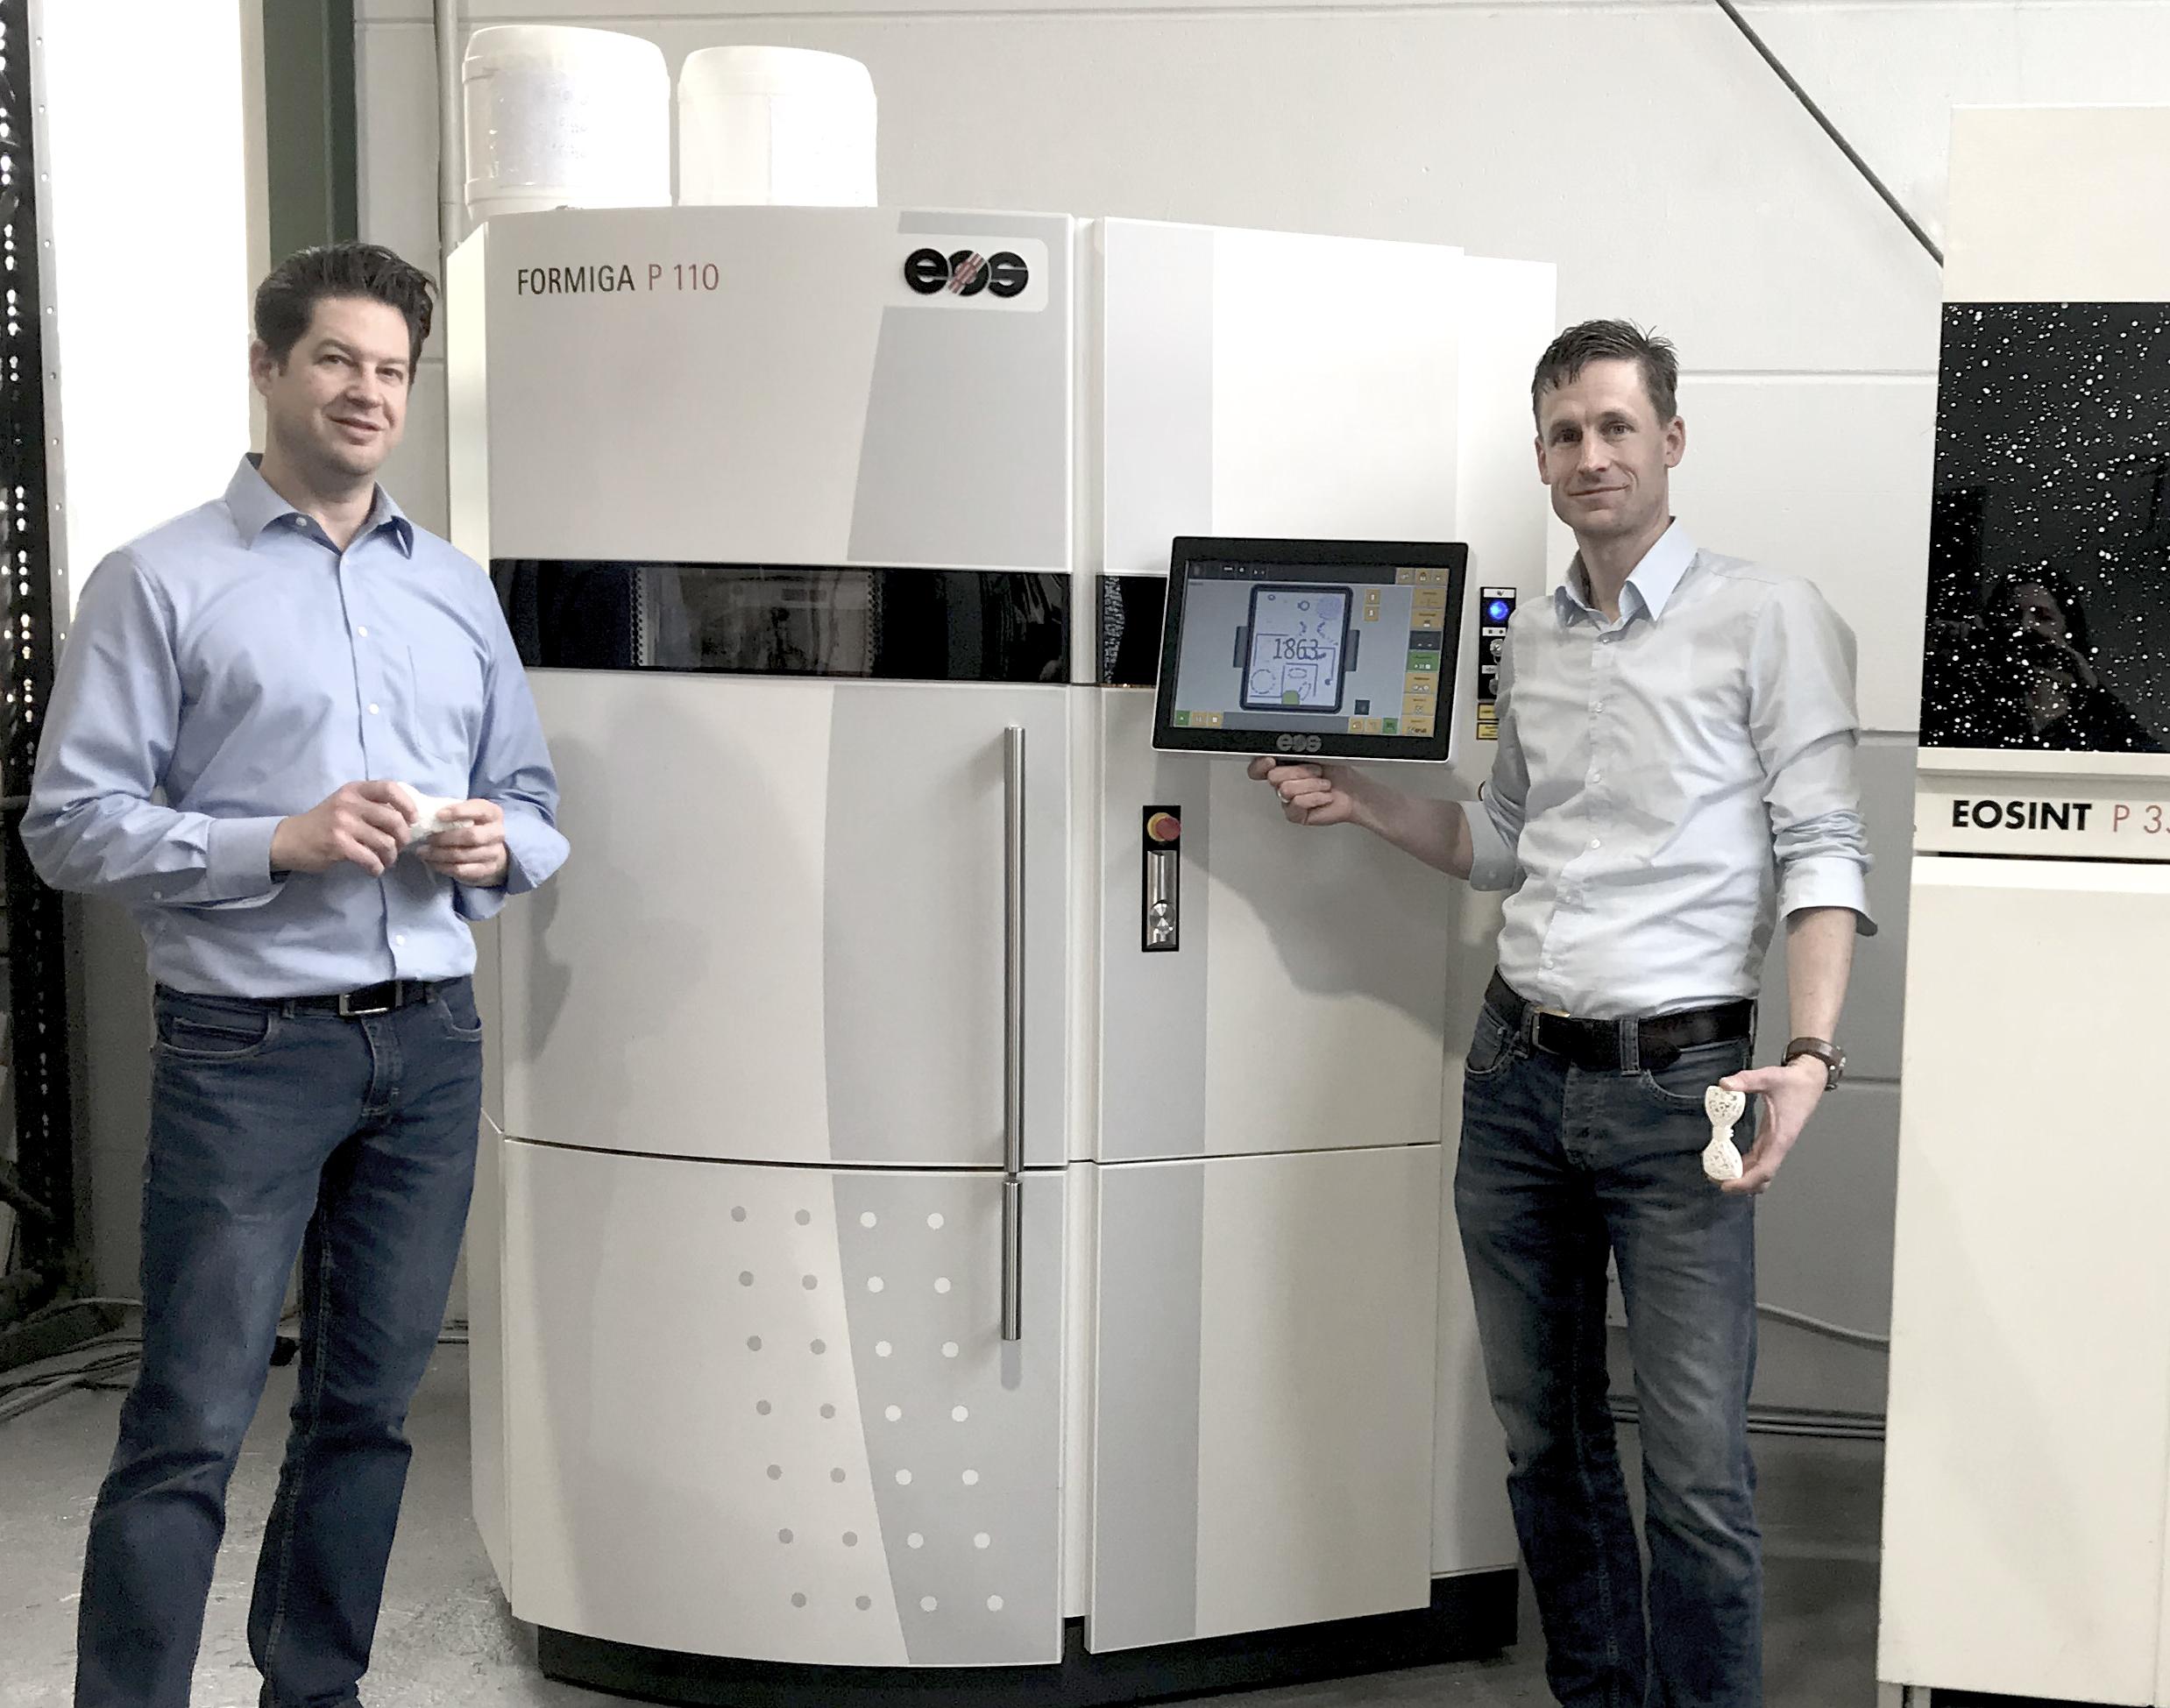 Neue SLS Anlage, CAD Bauteile 3D Drucken, Serienfertigung von SLS Bauteilen, EOS Formiga P110